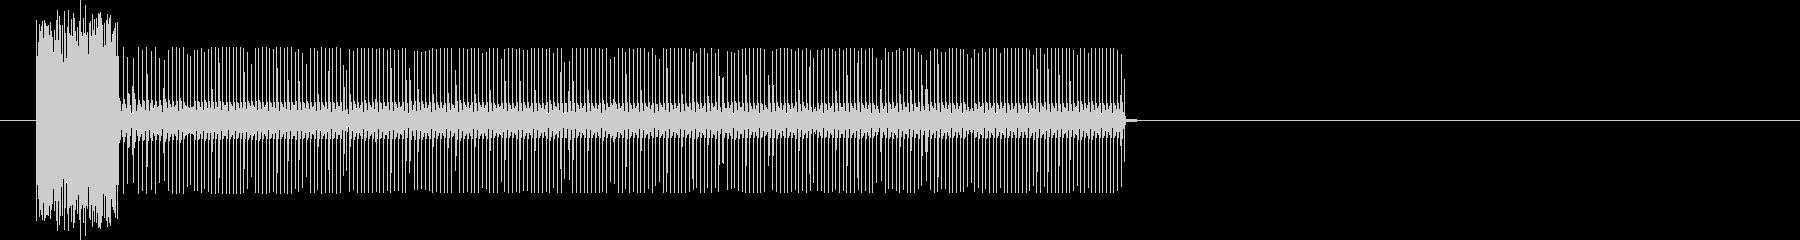 電話とトーンの未再生の波形